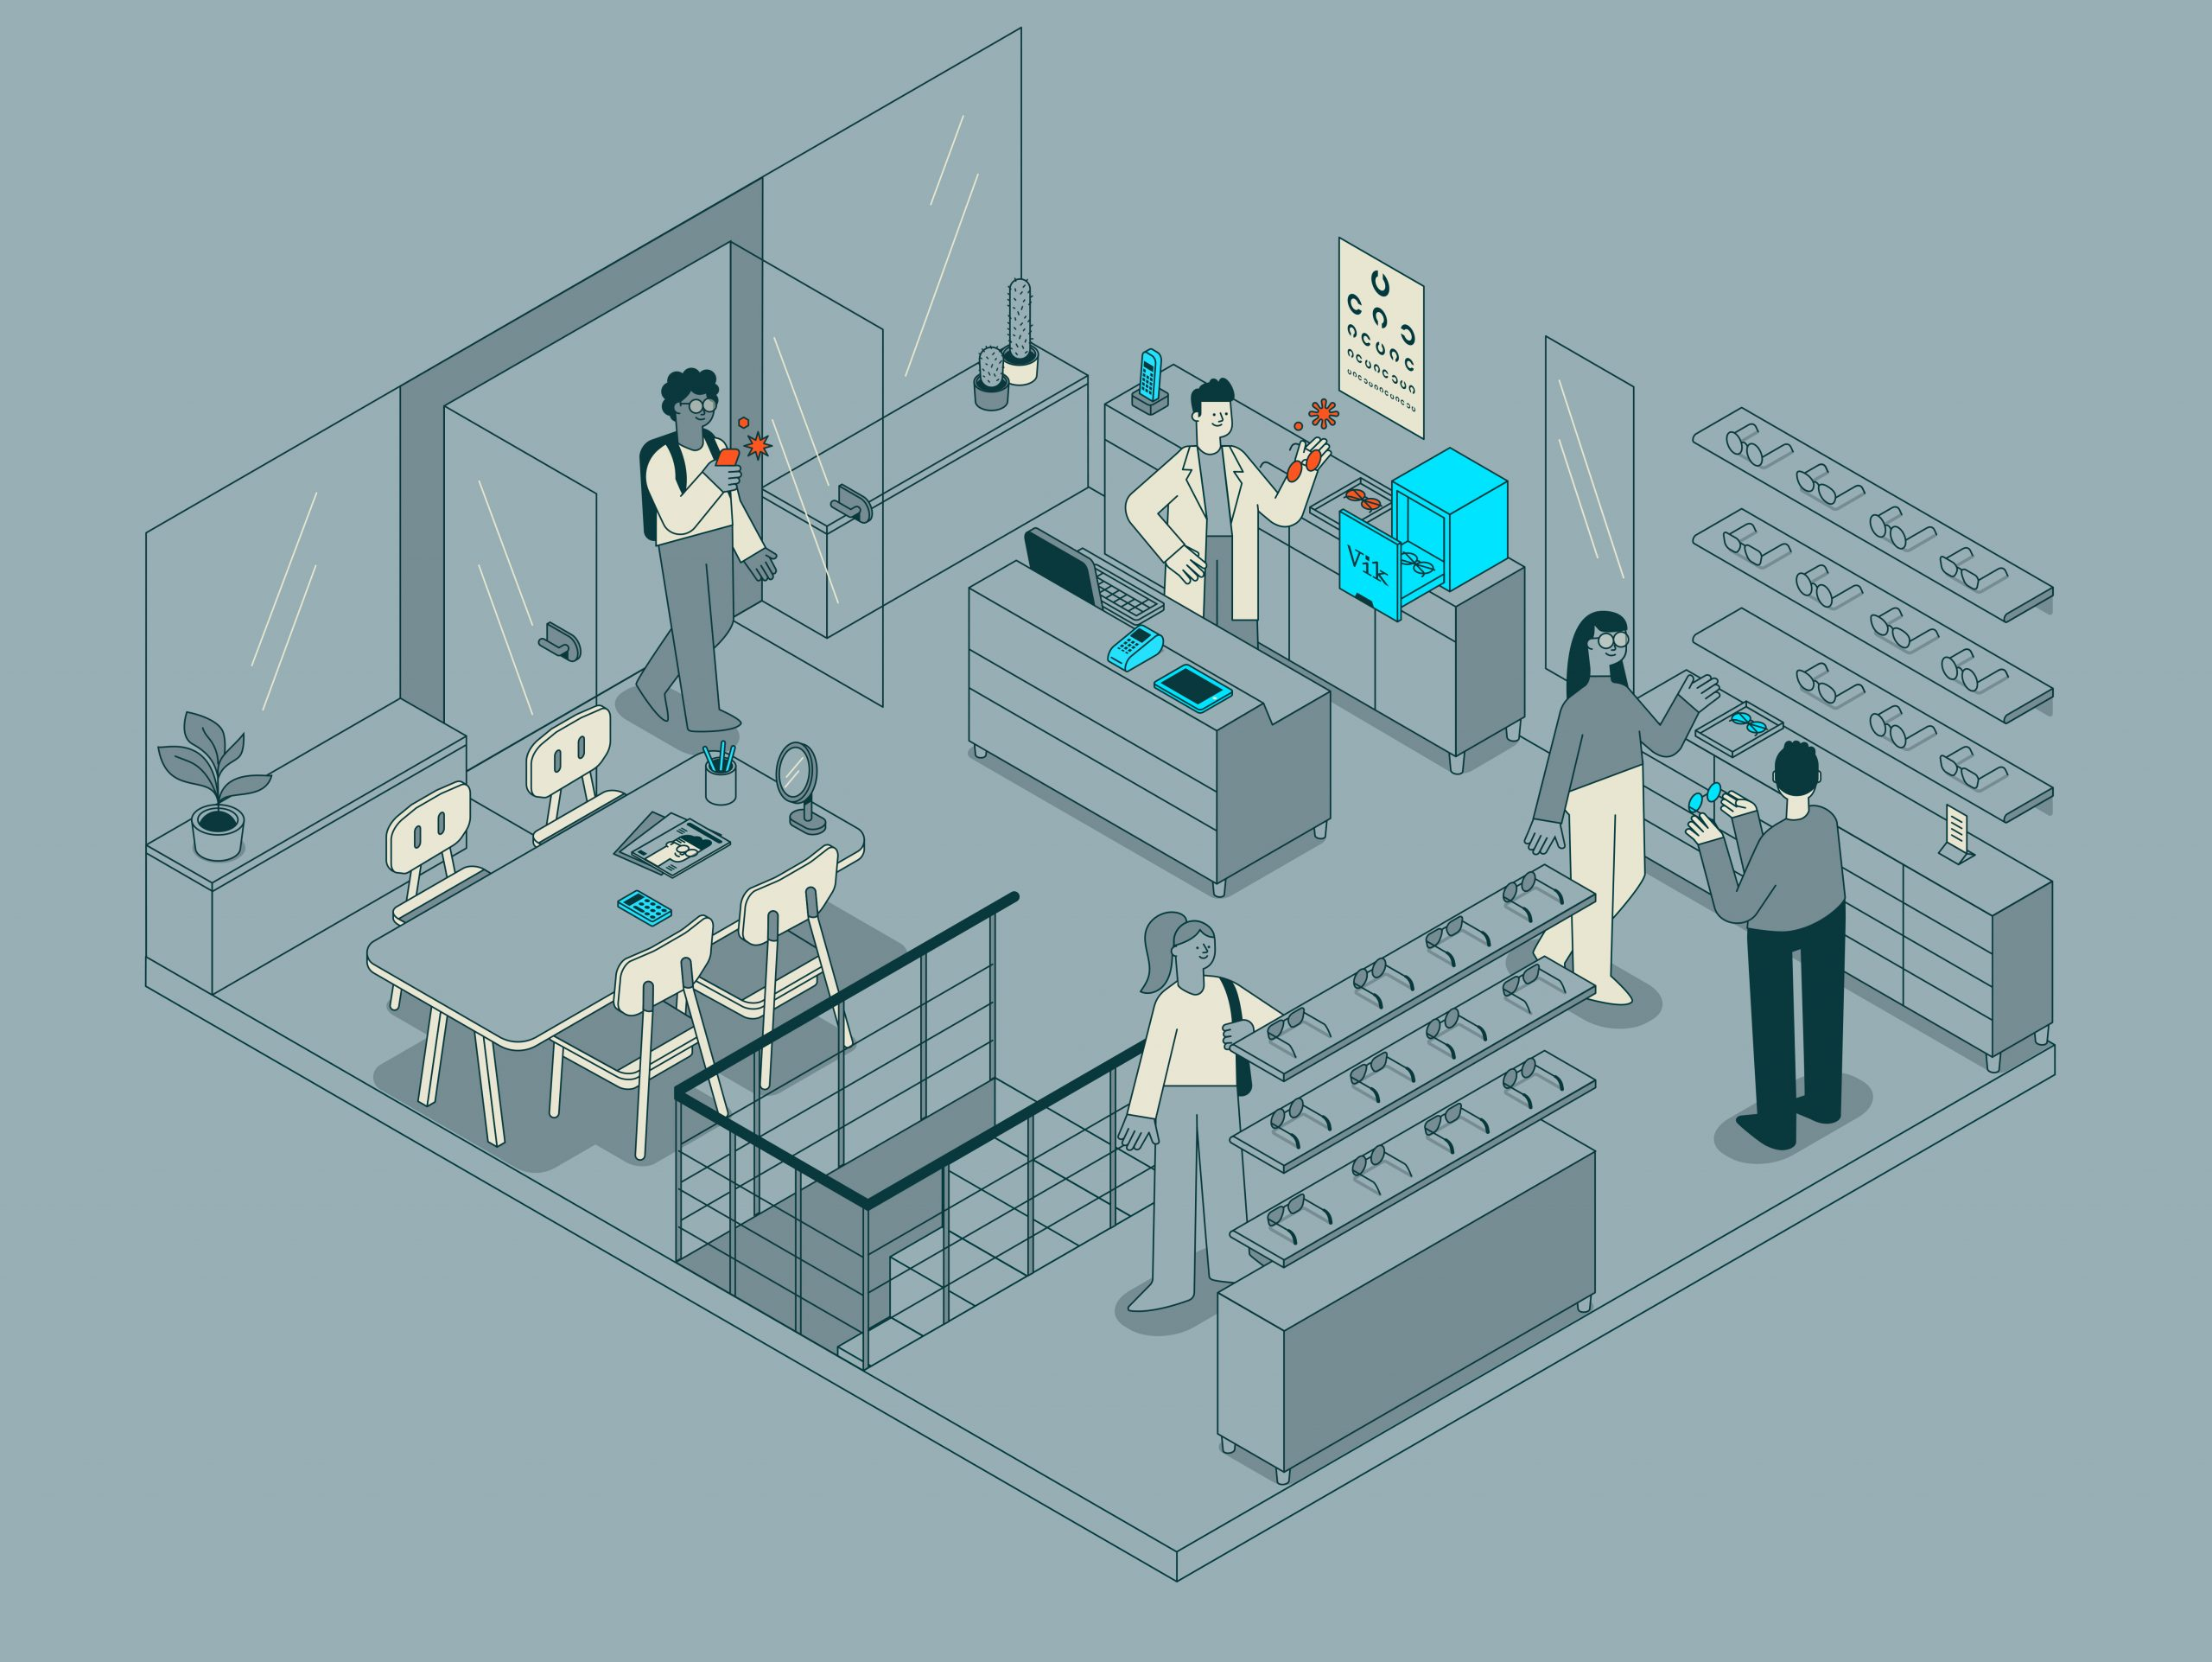 Retail bespaart geld en tijd met uv-c desinfectie vik